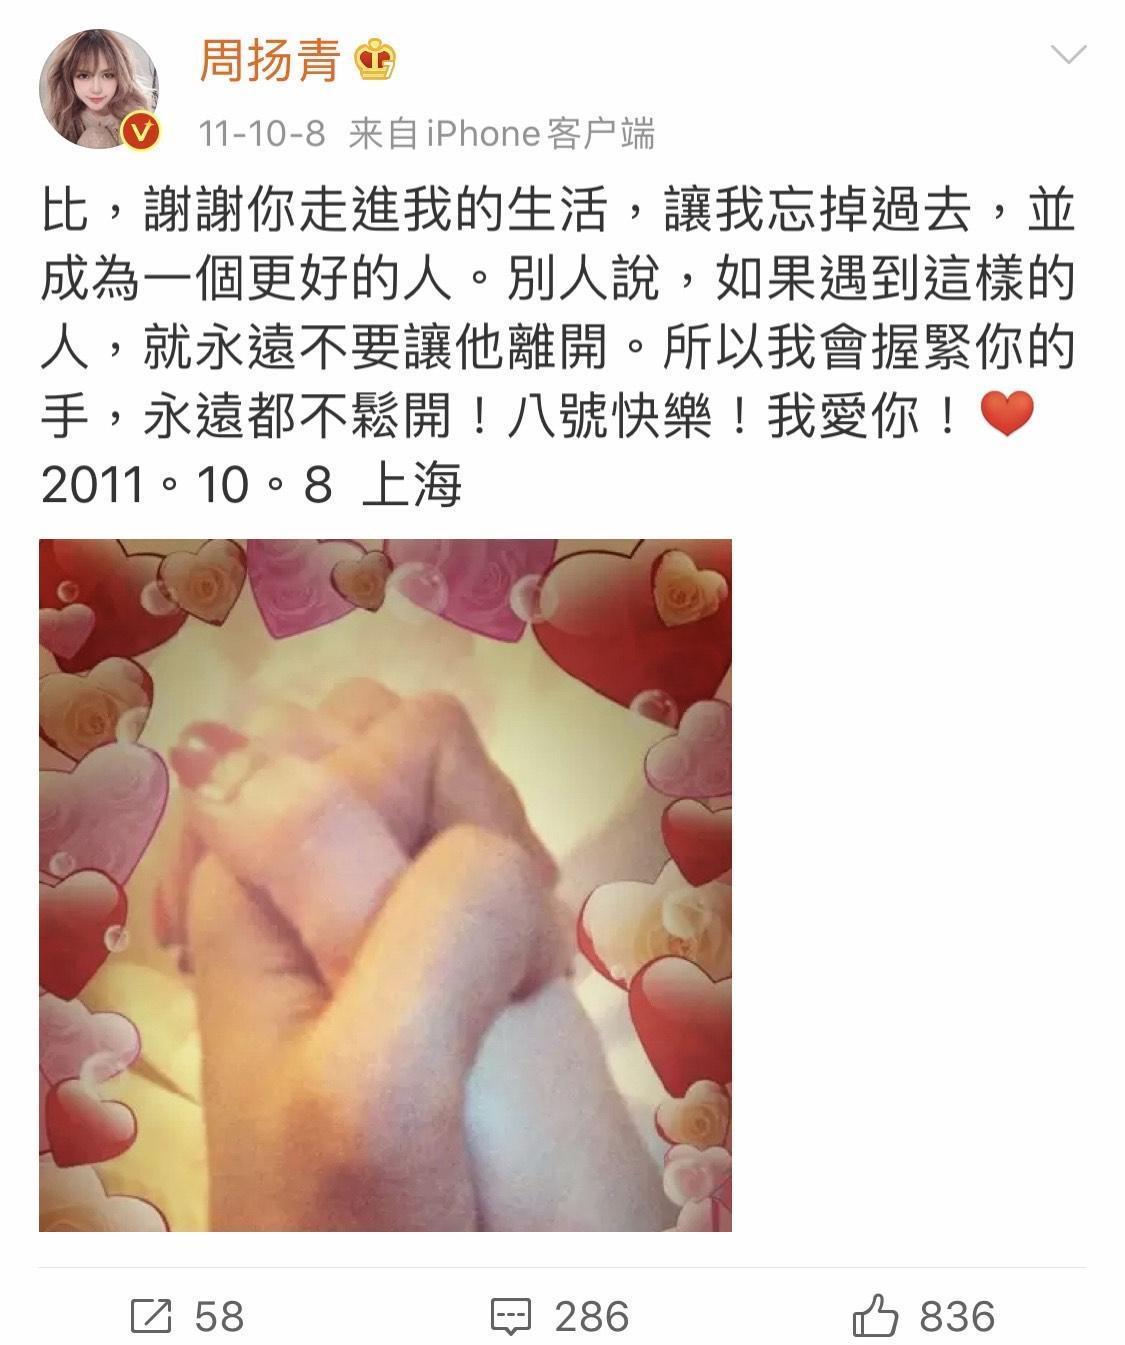 周揚青2011年時首度將「8號」定為她與羅志祥的紀念日。(翻攝自周揚青微博)